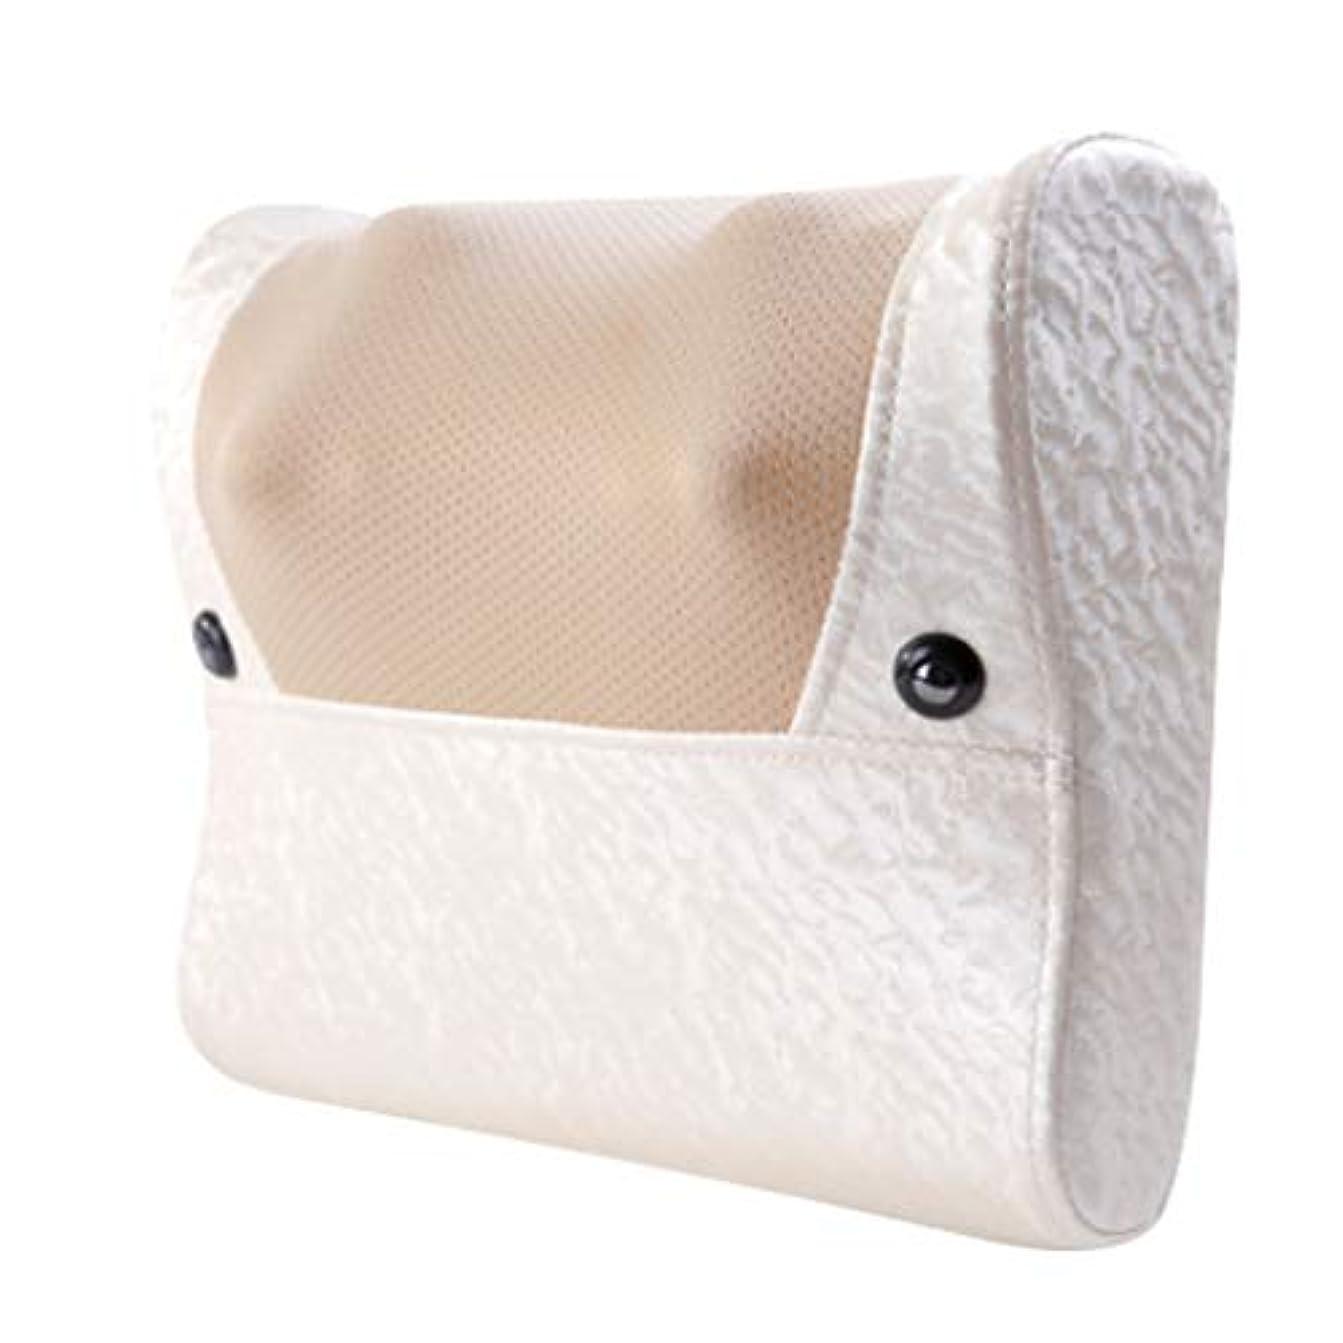 ブラインドスペシャリスト振るう8Dネックマッサージャー - 家庭用電動多機能ボディマッサージ、カーパッド、首、肩、腰、脚マッサージ。